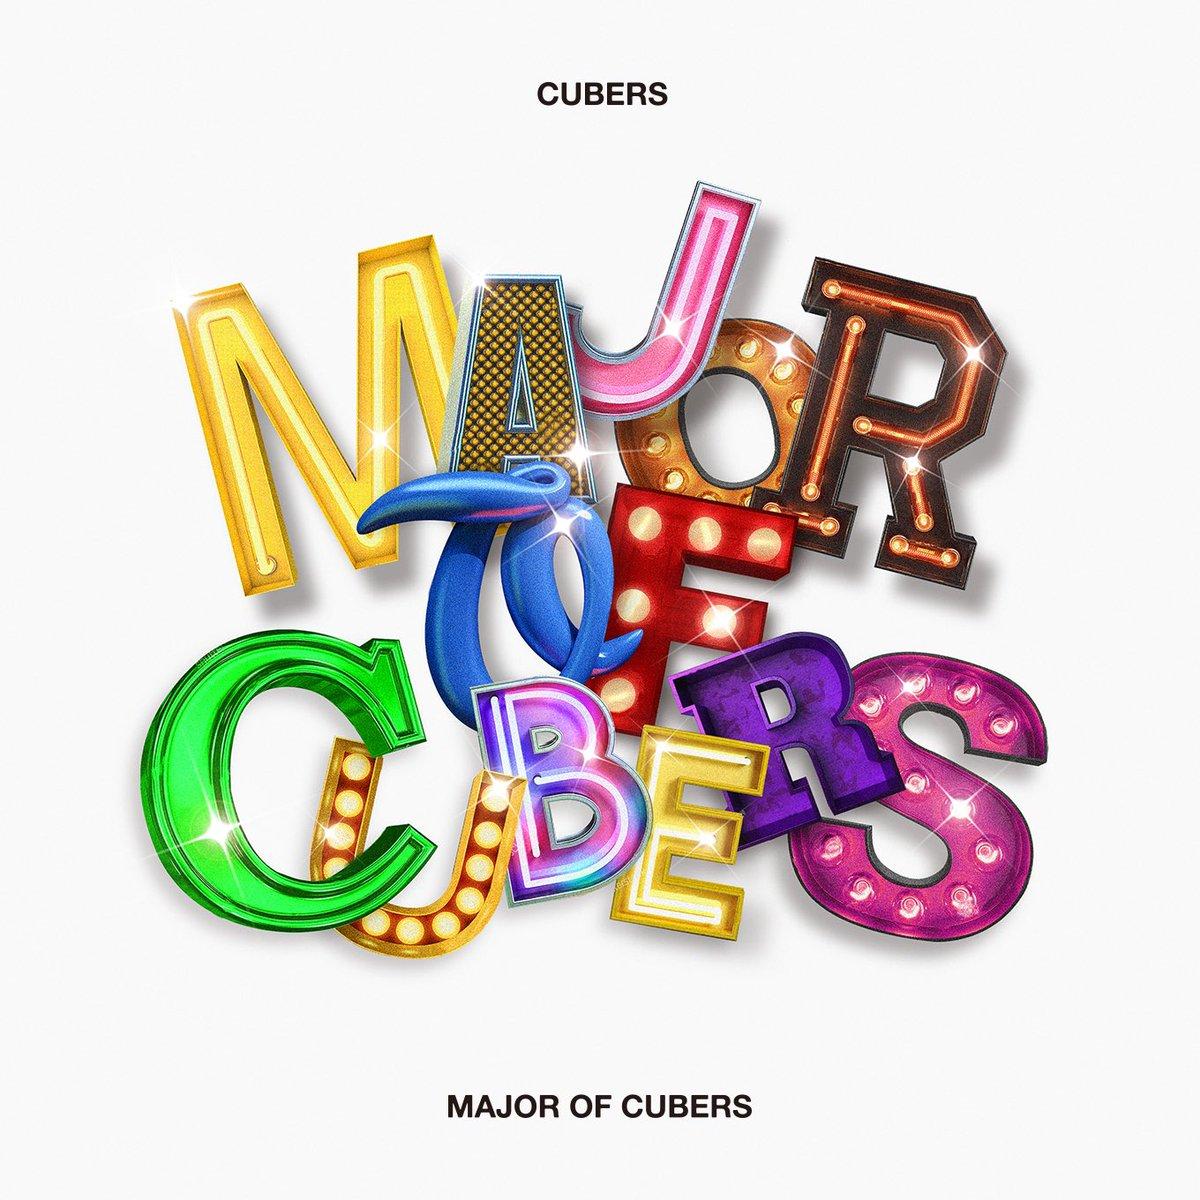 ★お知らせ★CUBERS メジャー1stアルバム収録「Yeah! 僕らは変わらない」#Spotify で配信スタート✨🎧今すぐCheck💯<Spotify>👉#CUBERS #MAJOR_OF_CUBERS#僕らは変わらない